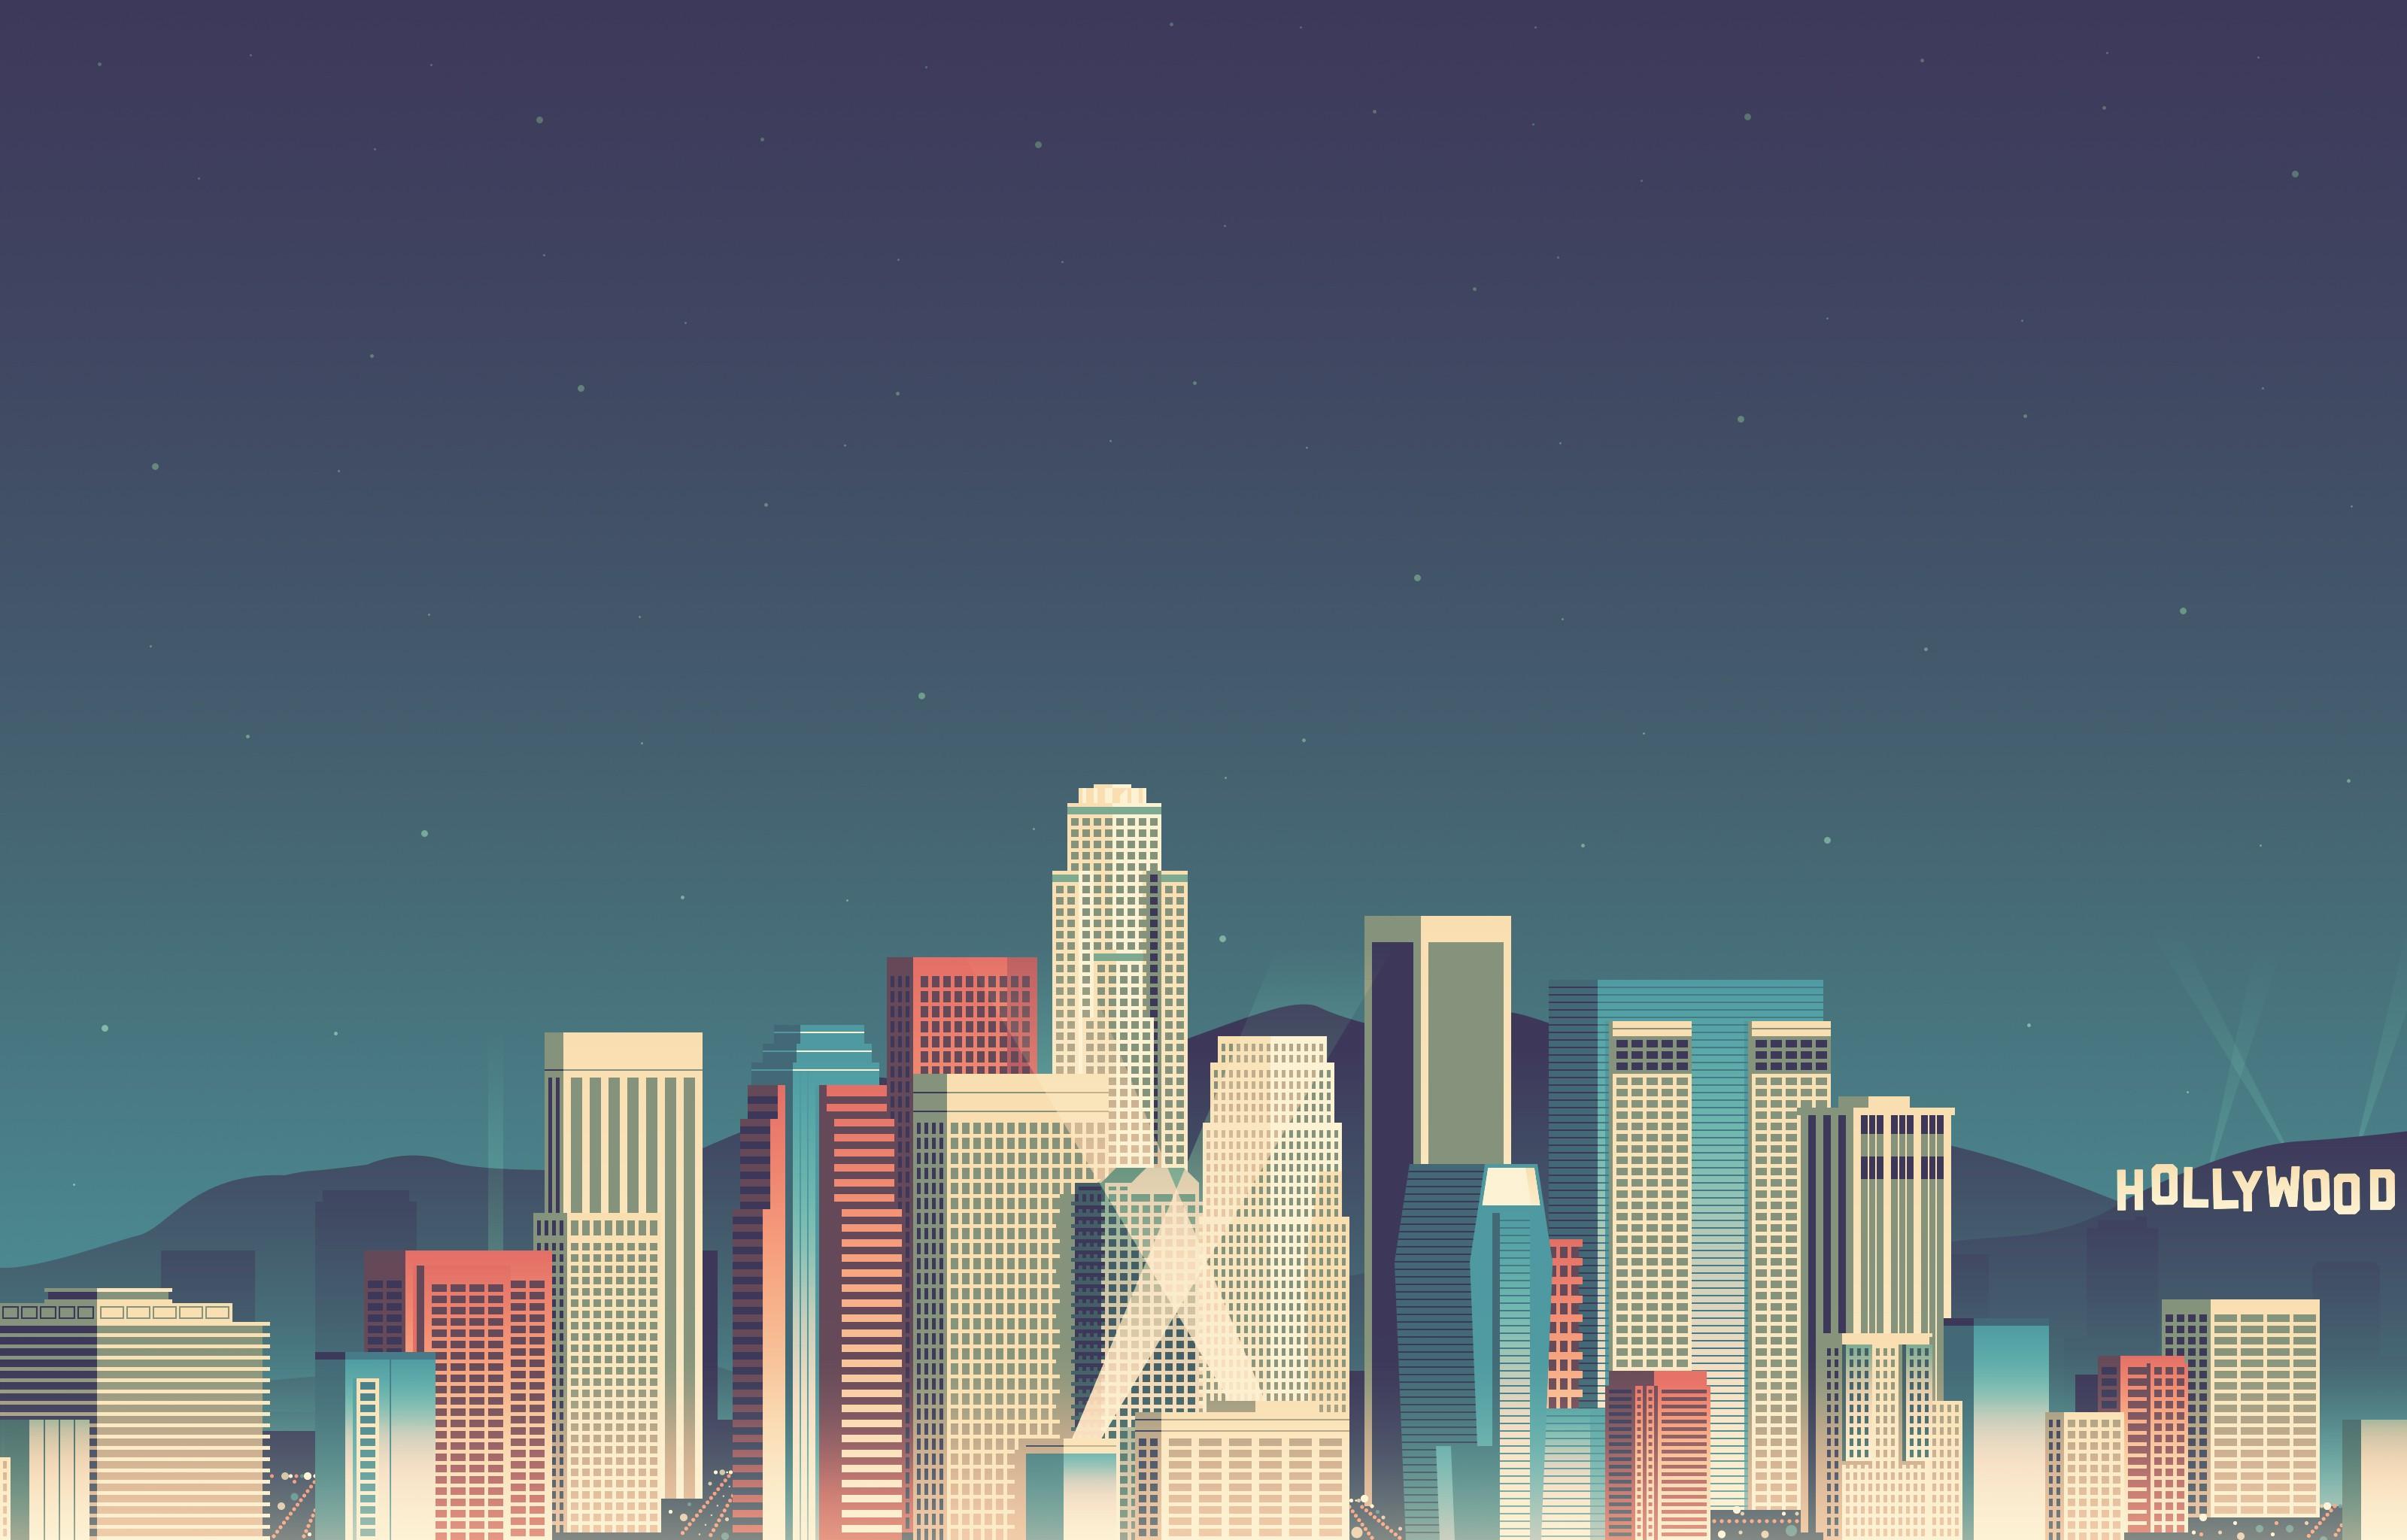 ロサンゼルスピクセルアート ビット壁紙 30x48 Wallpapertip